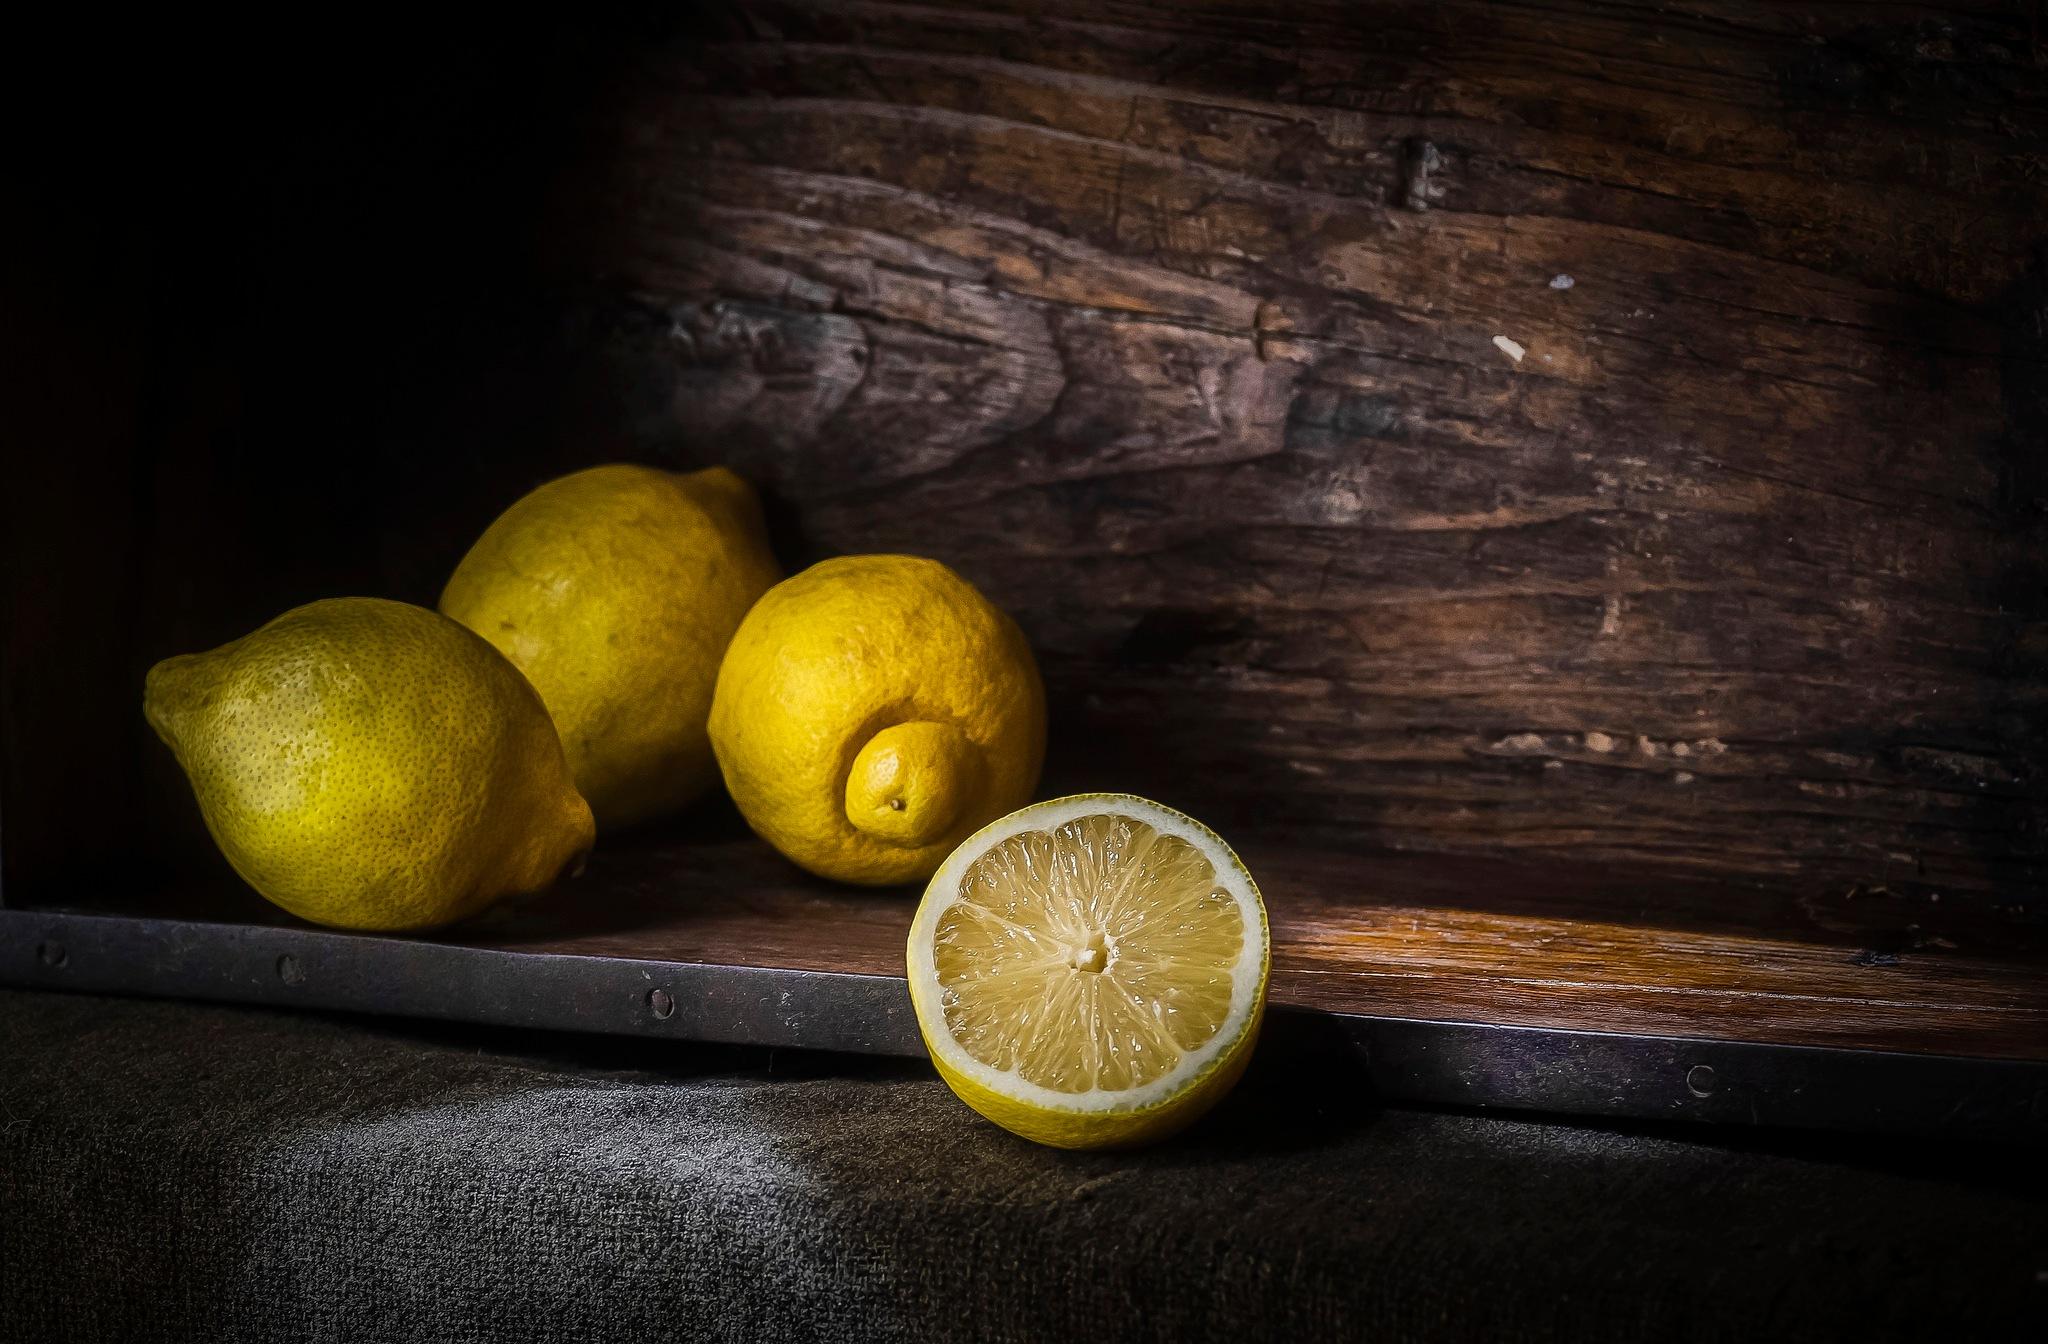 Limones by JACRIS